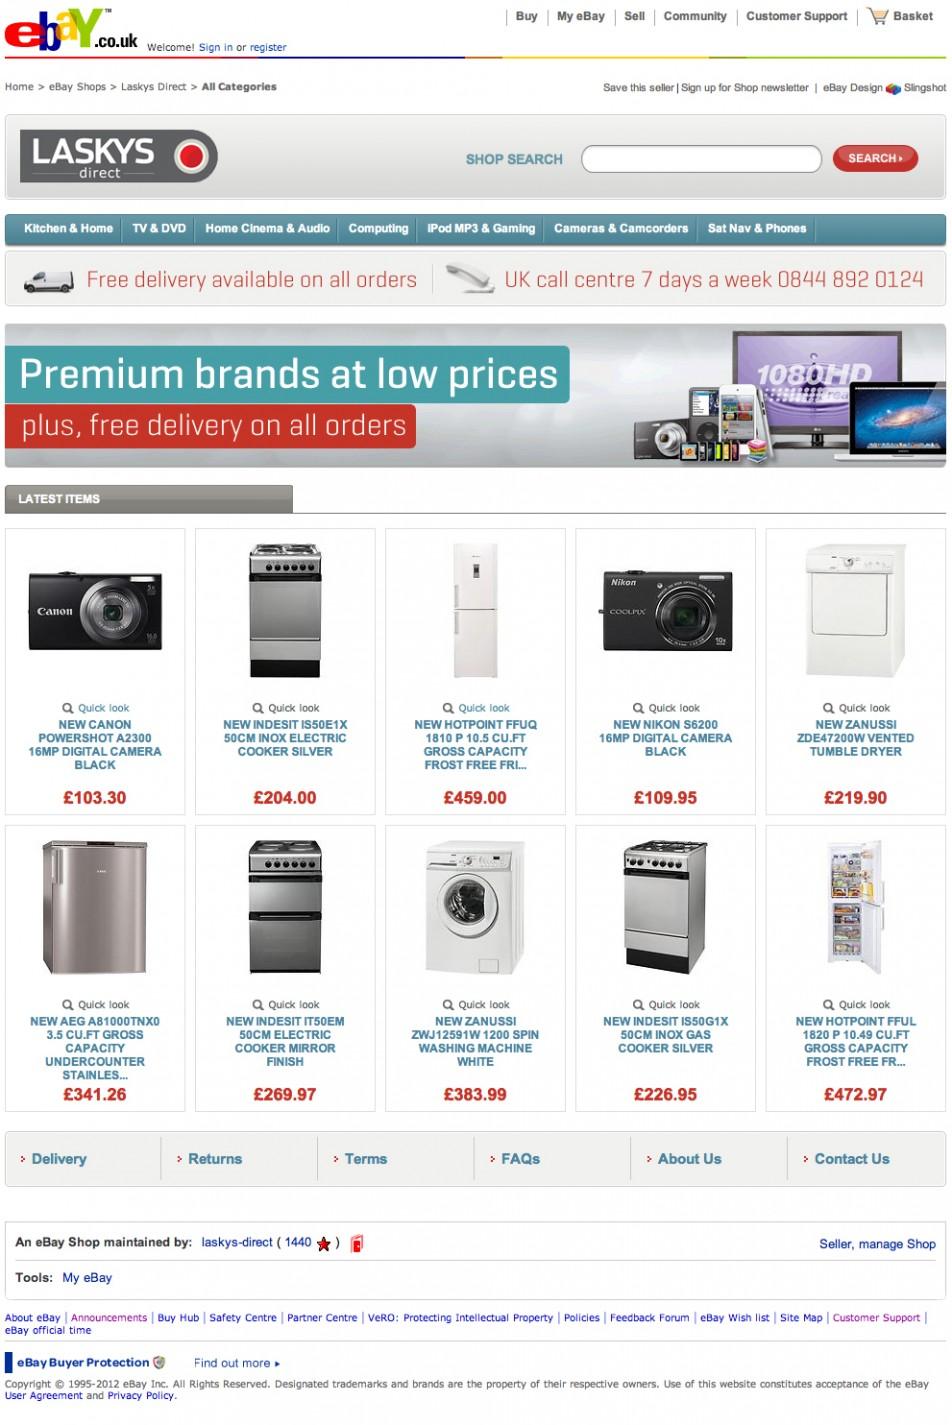 Laskys eBay Store | Slingshot Graphic Design & Web Design